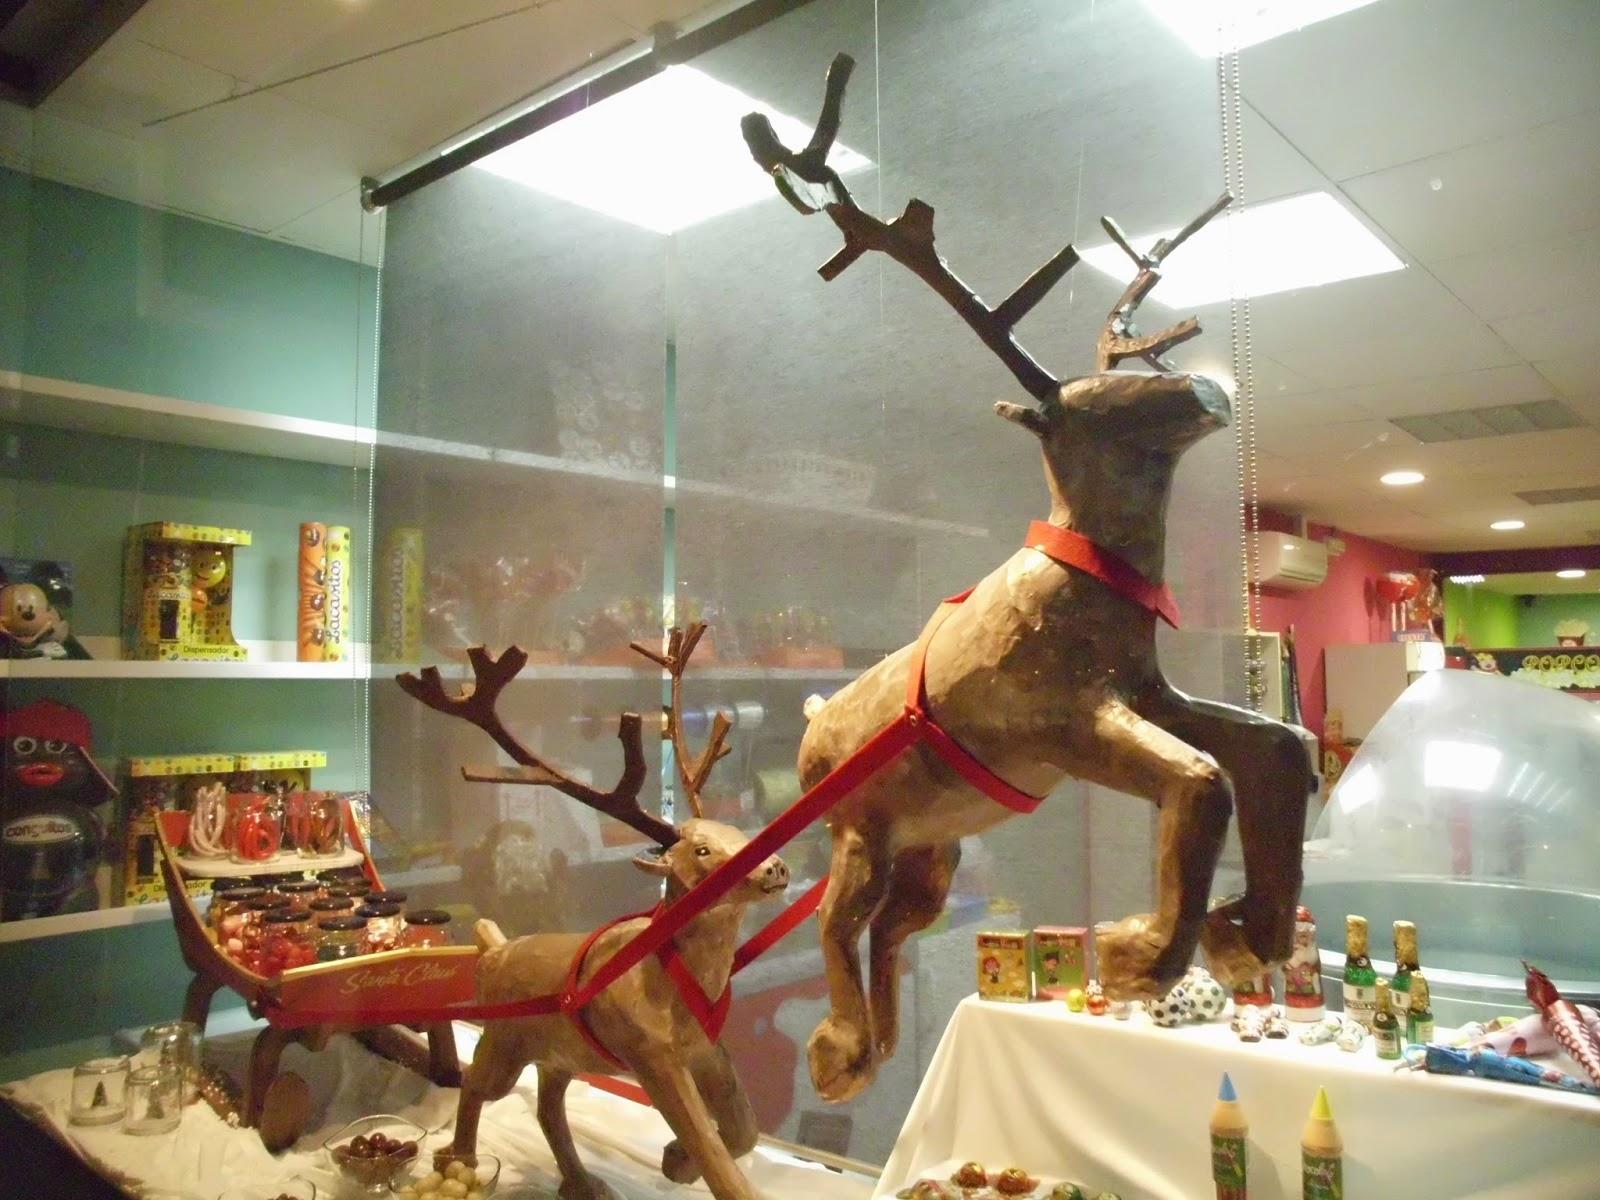 escaparate navideño fantasia trineo de santa claus y renos